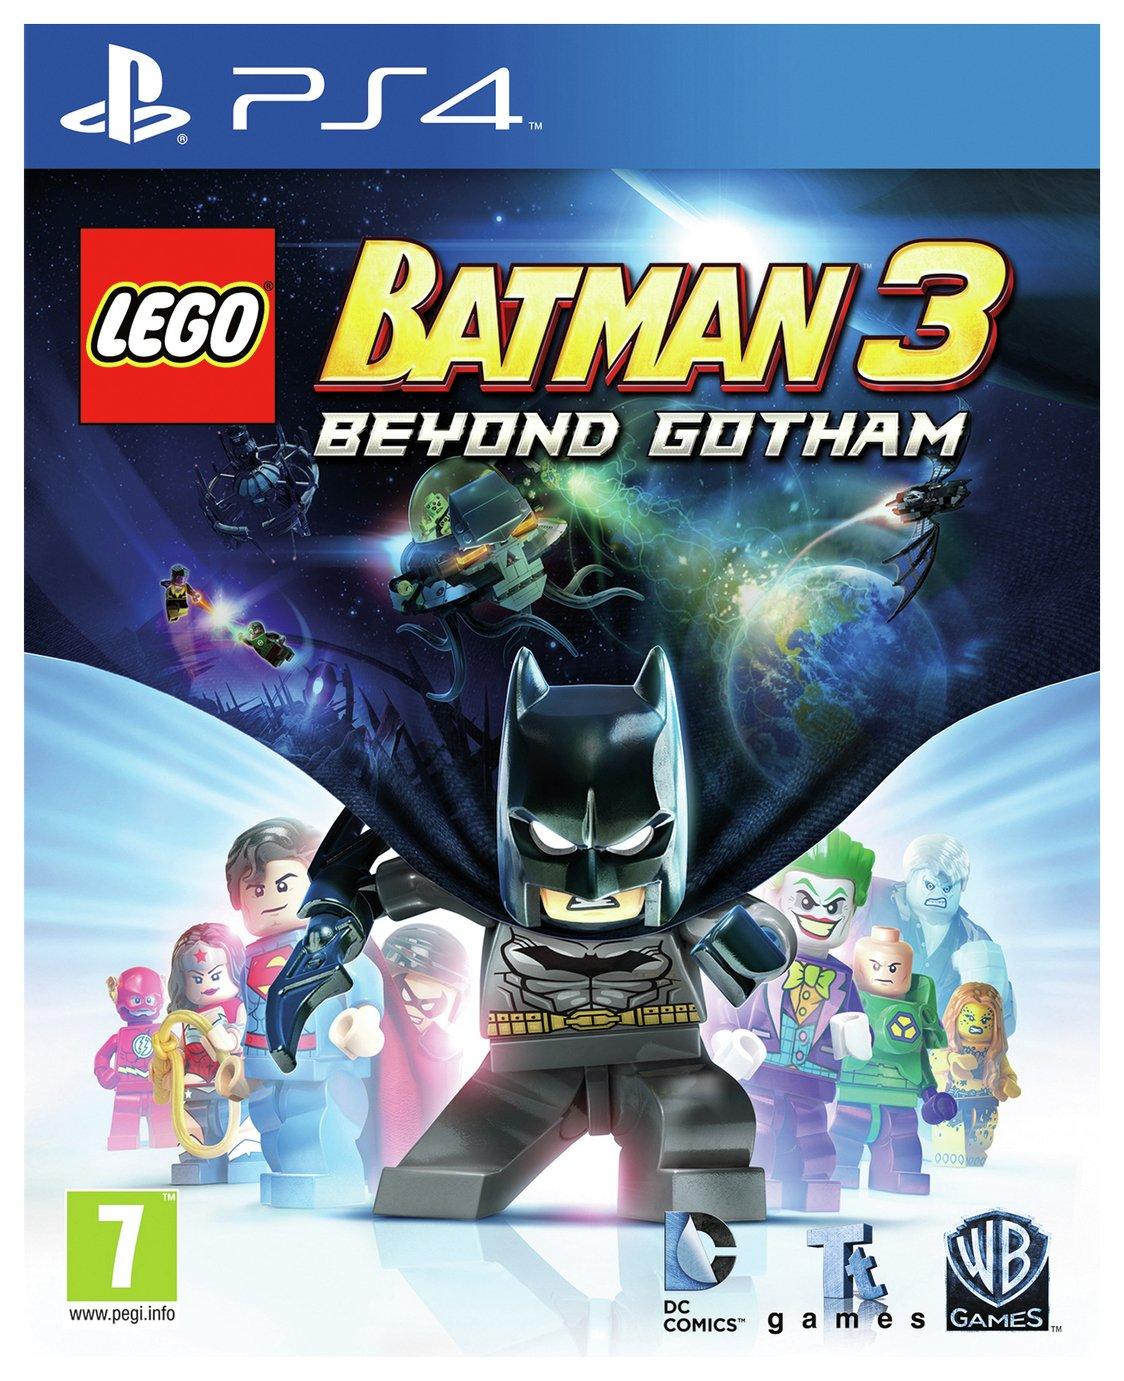 LEGO Batman 3 PS4 Game